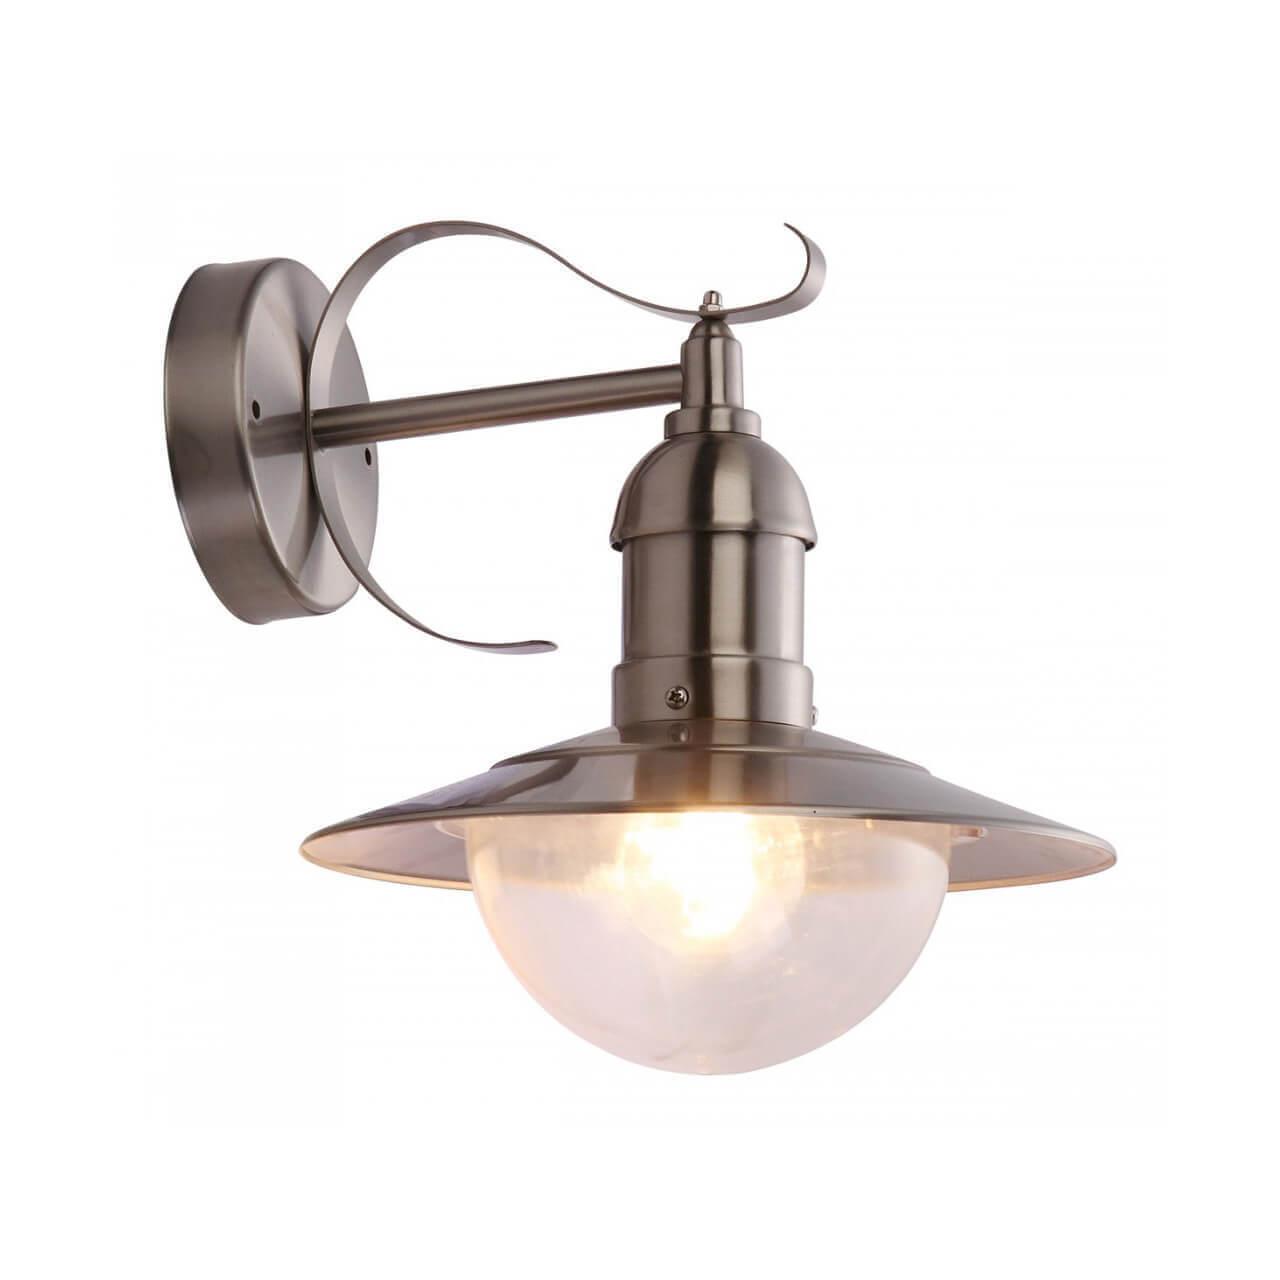 Уличный настенный светильник Globo Mixed 3270 настенный светильник бра коллекция amoena 56444 3 хром globo глобо